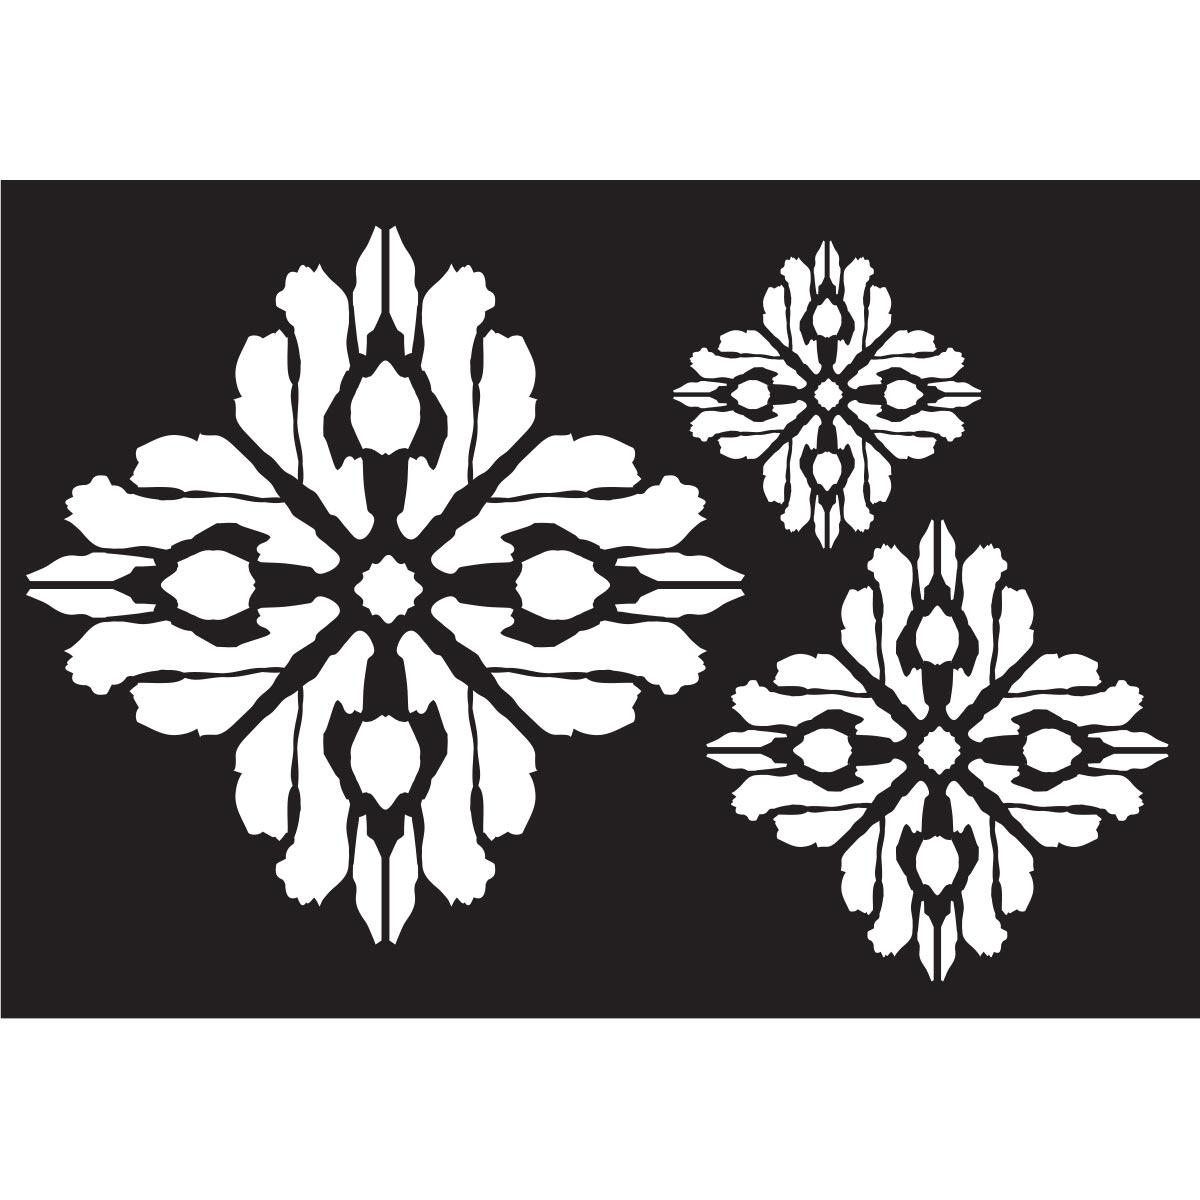 FolkArt ® Painting Stencils - Ikat Motif